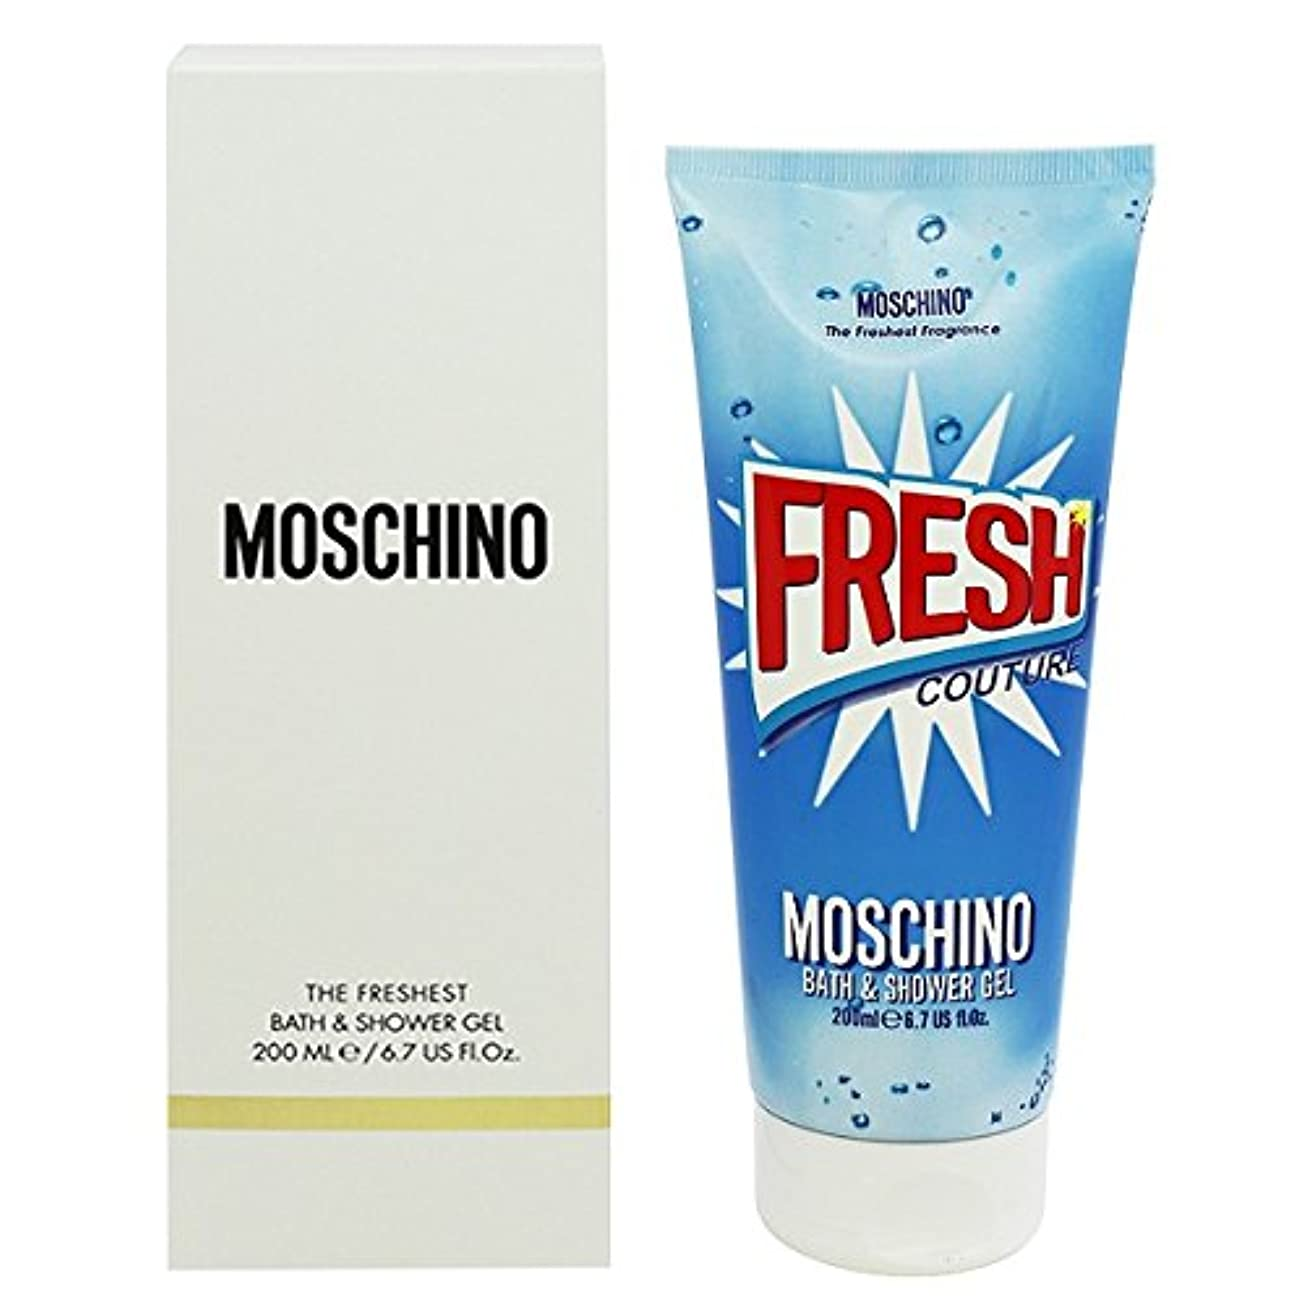 パリティ油提供【モスキーノ】フレッシュクチュール バス&シャワージェル 200ml [並行輸入品]